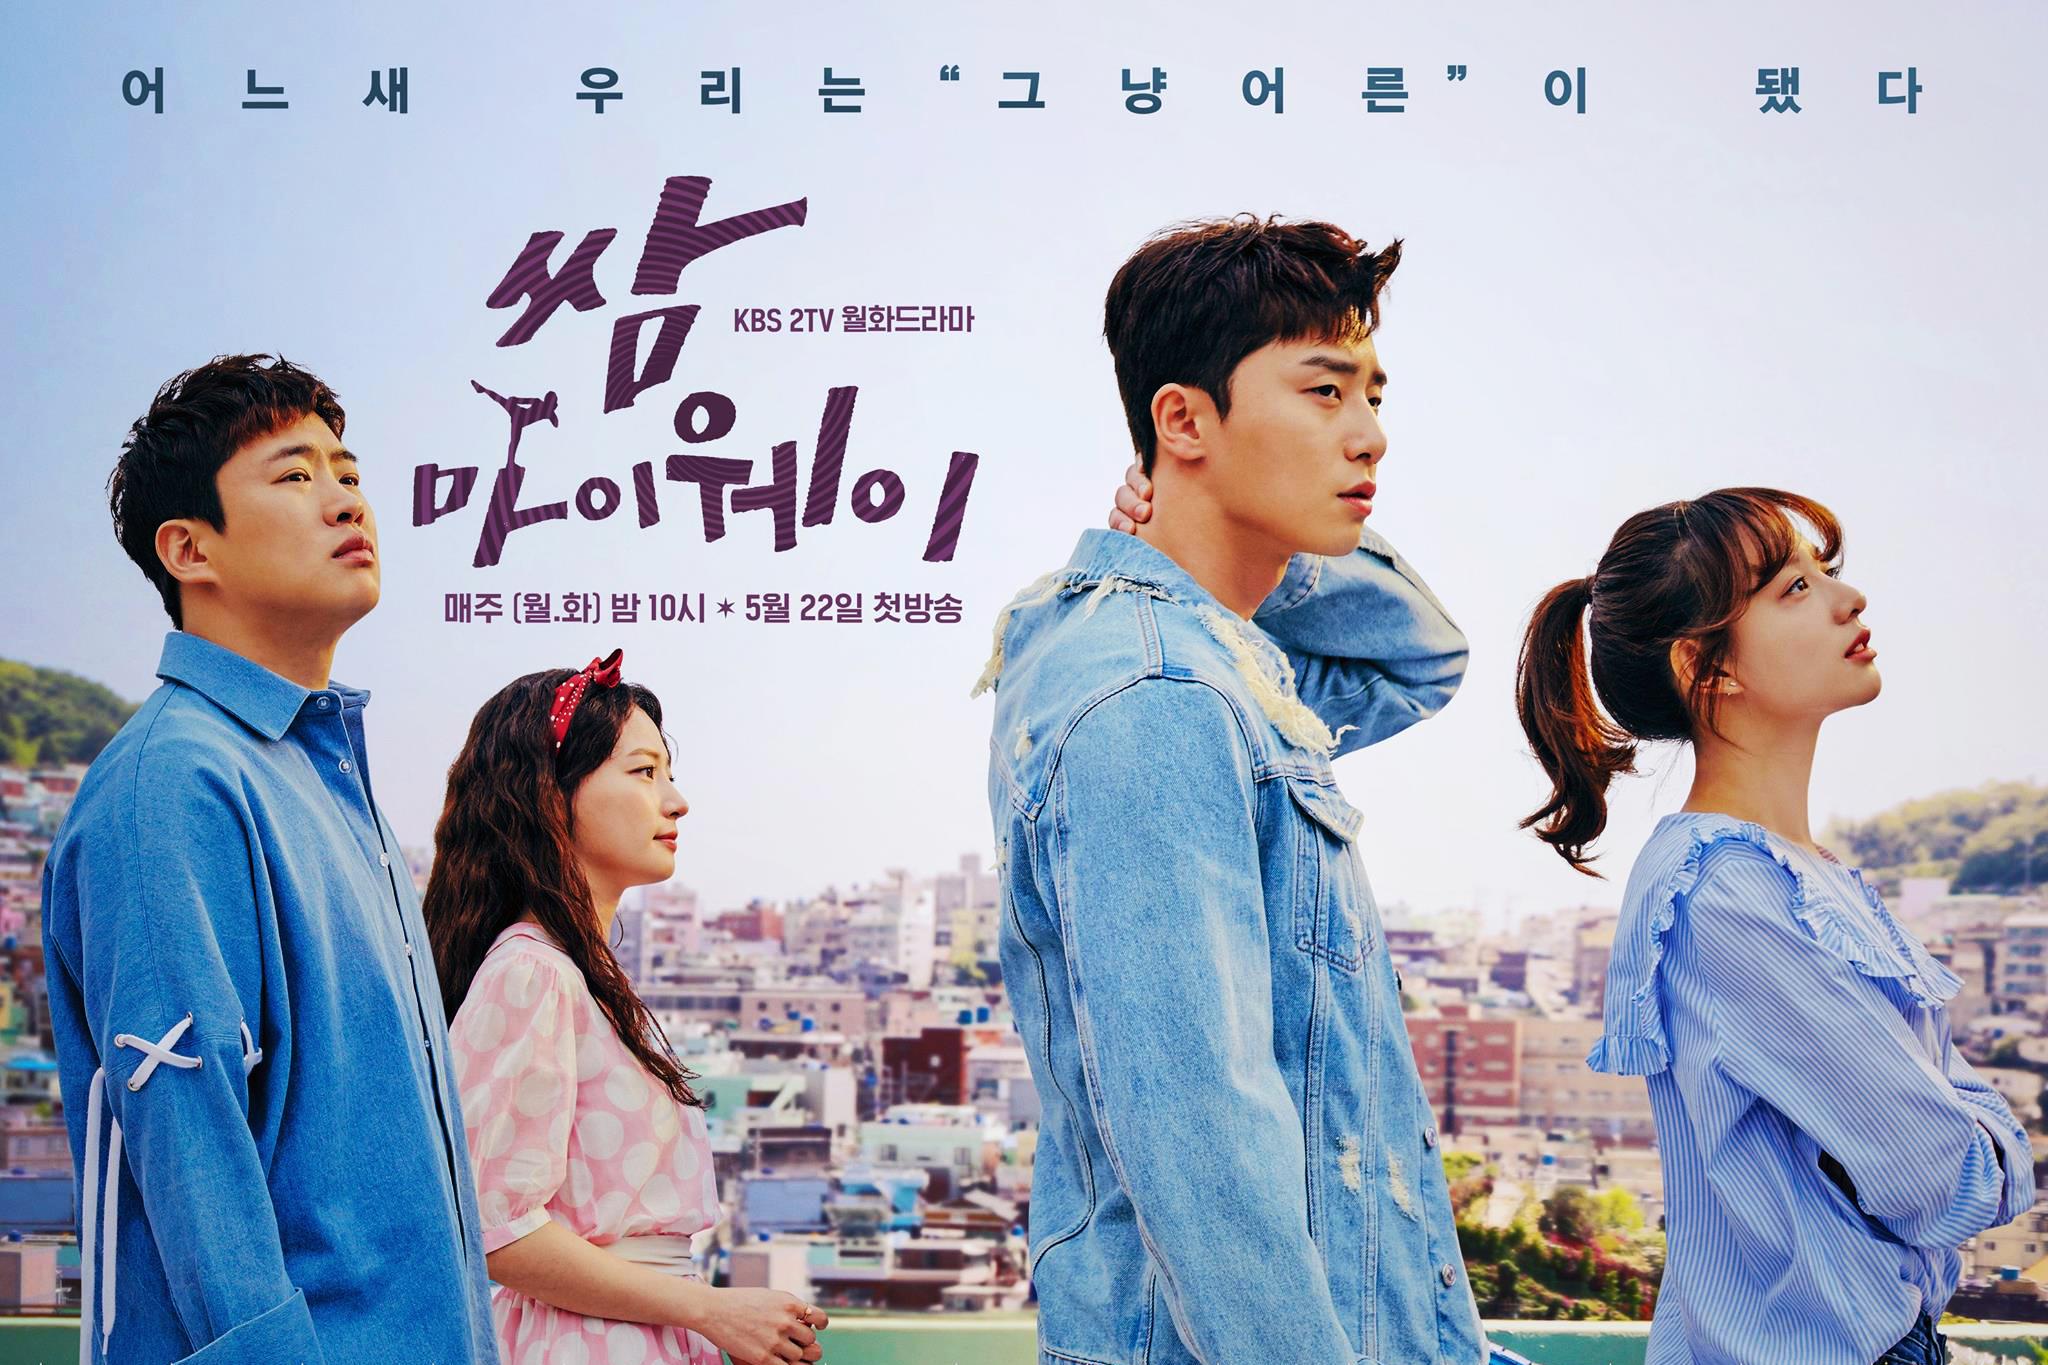 phim Hàn Quốc Thanh Xuân Vật Vã